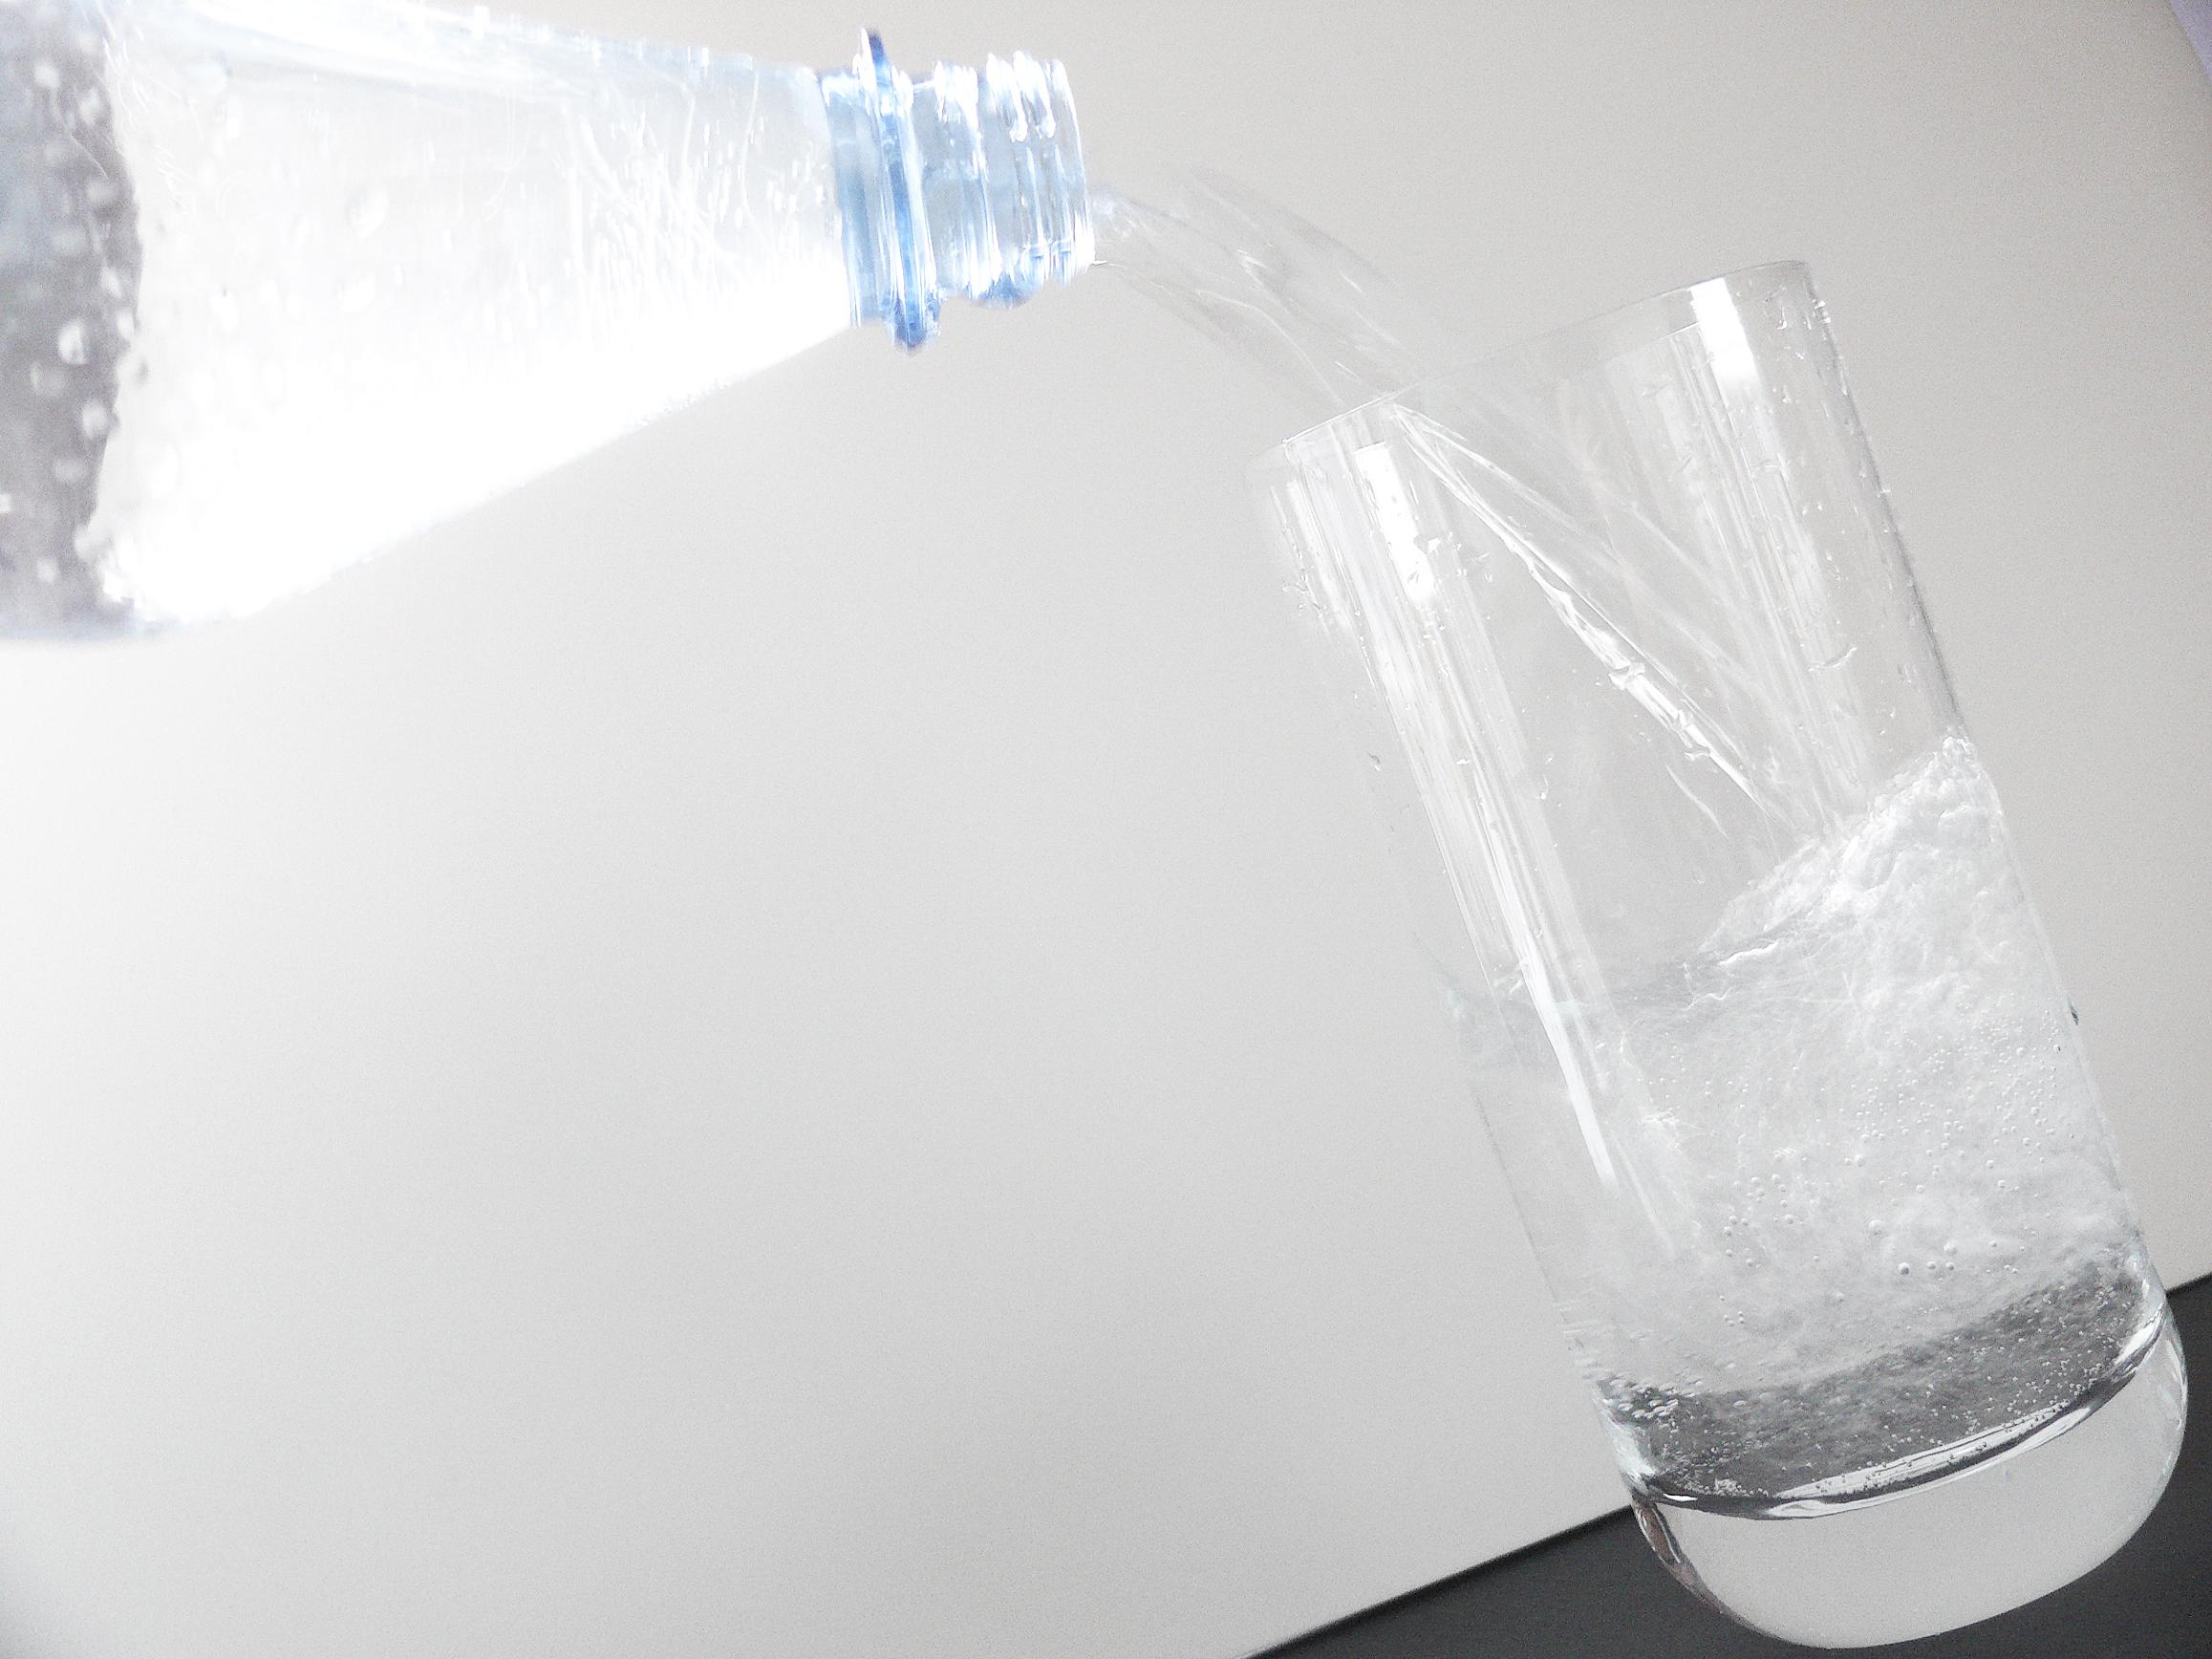 stiftung warentest mineralwasser - HD1024×768